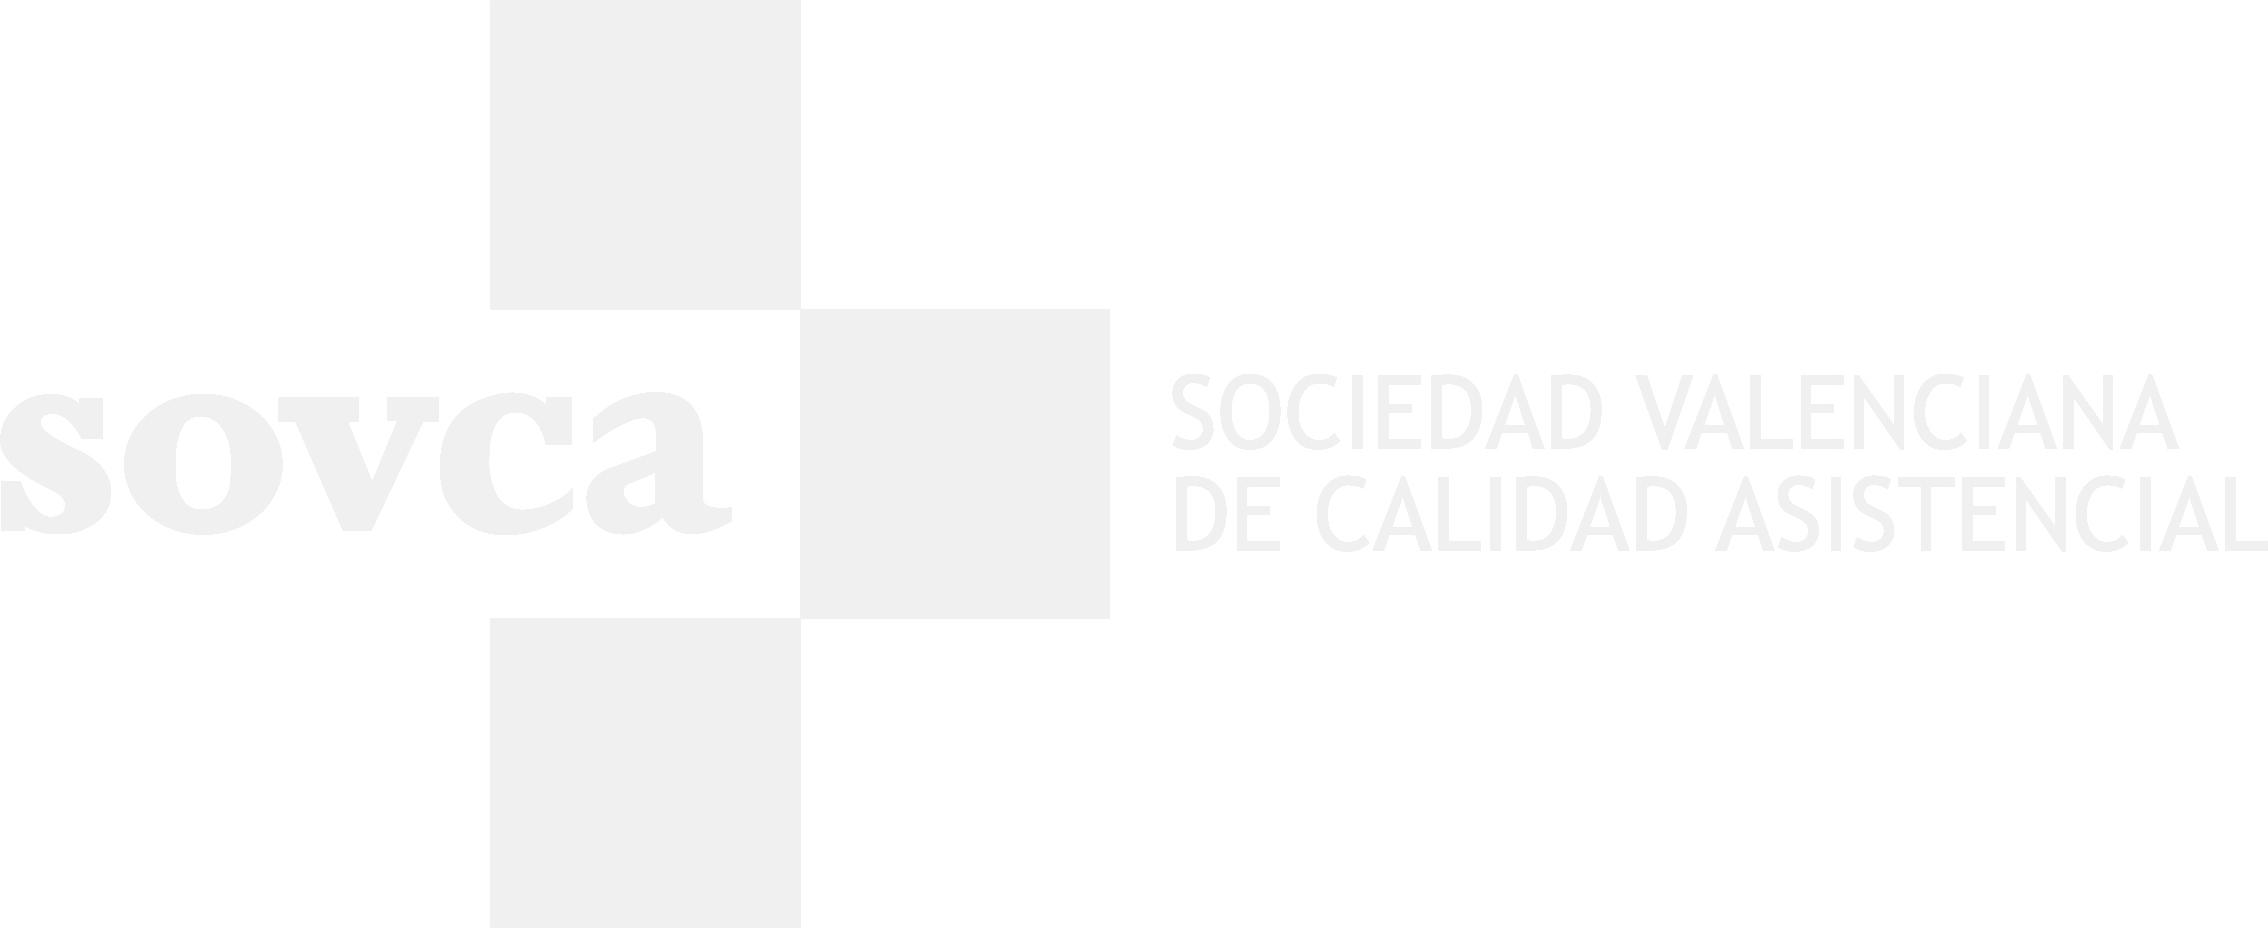 Sociedad Valenciana de Calidad Asistencial (SOVCA)